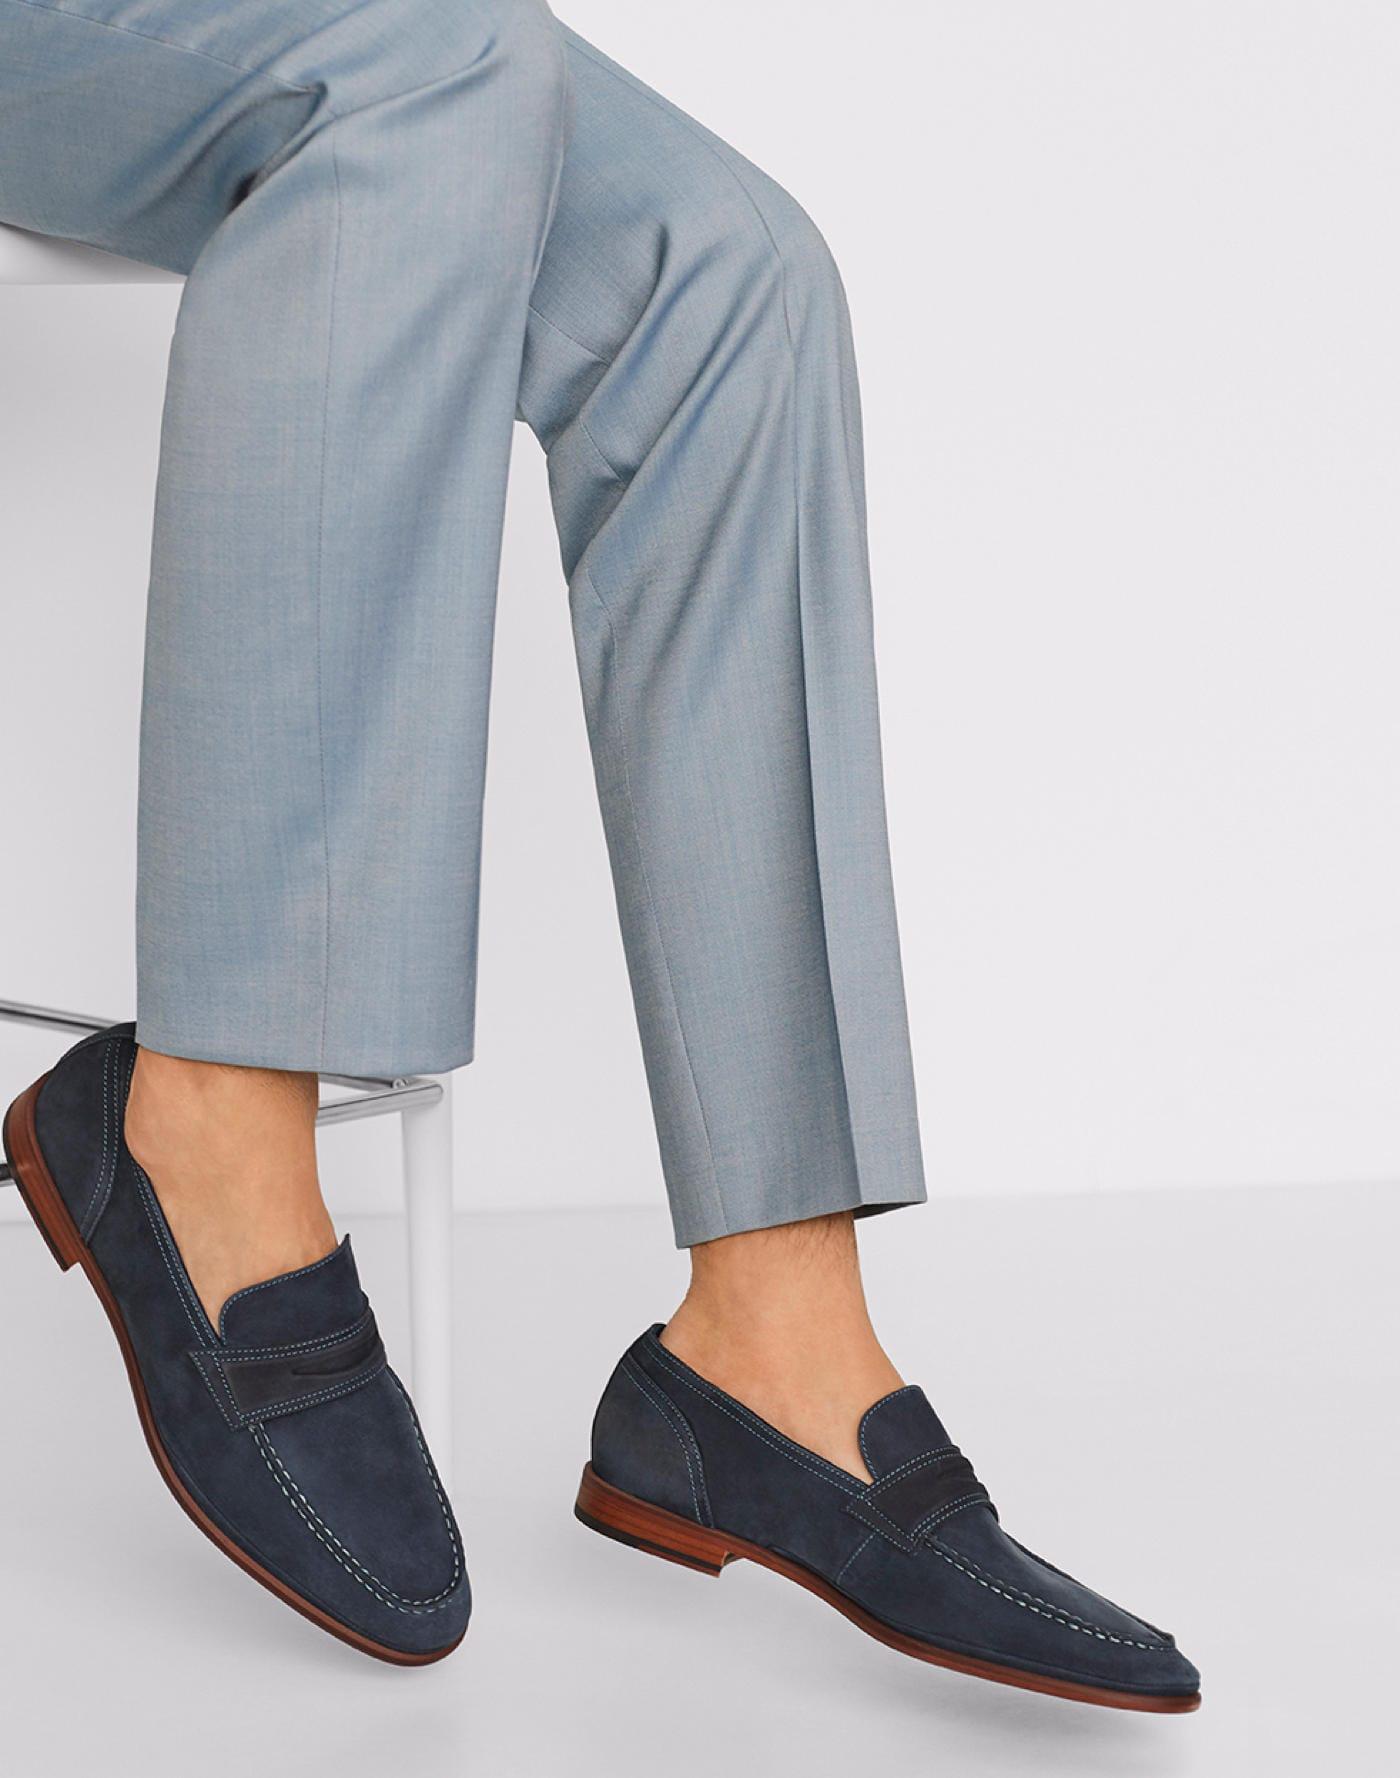 45f39ceb3f1 Men s footwear